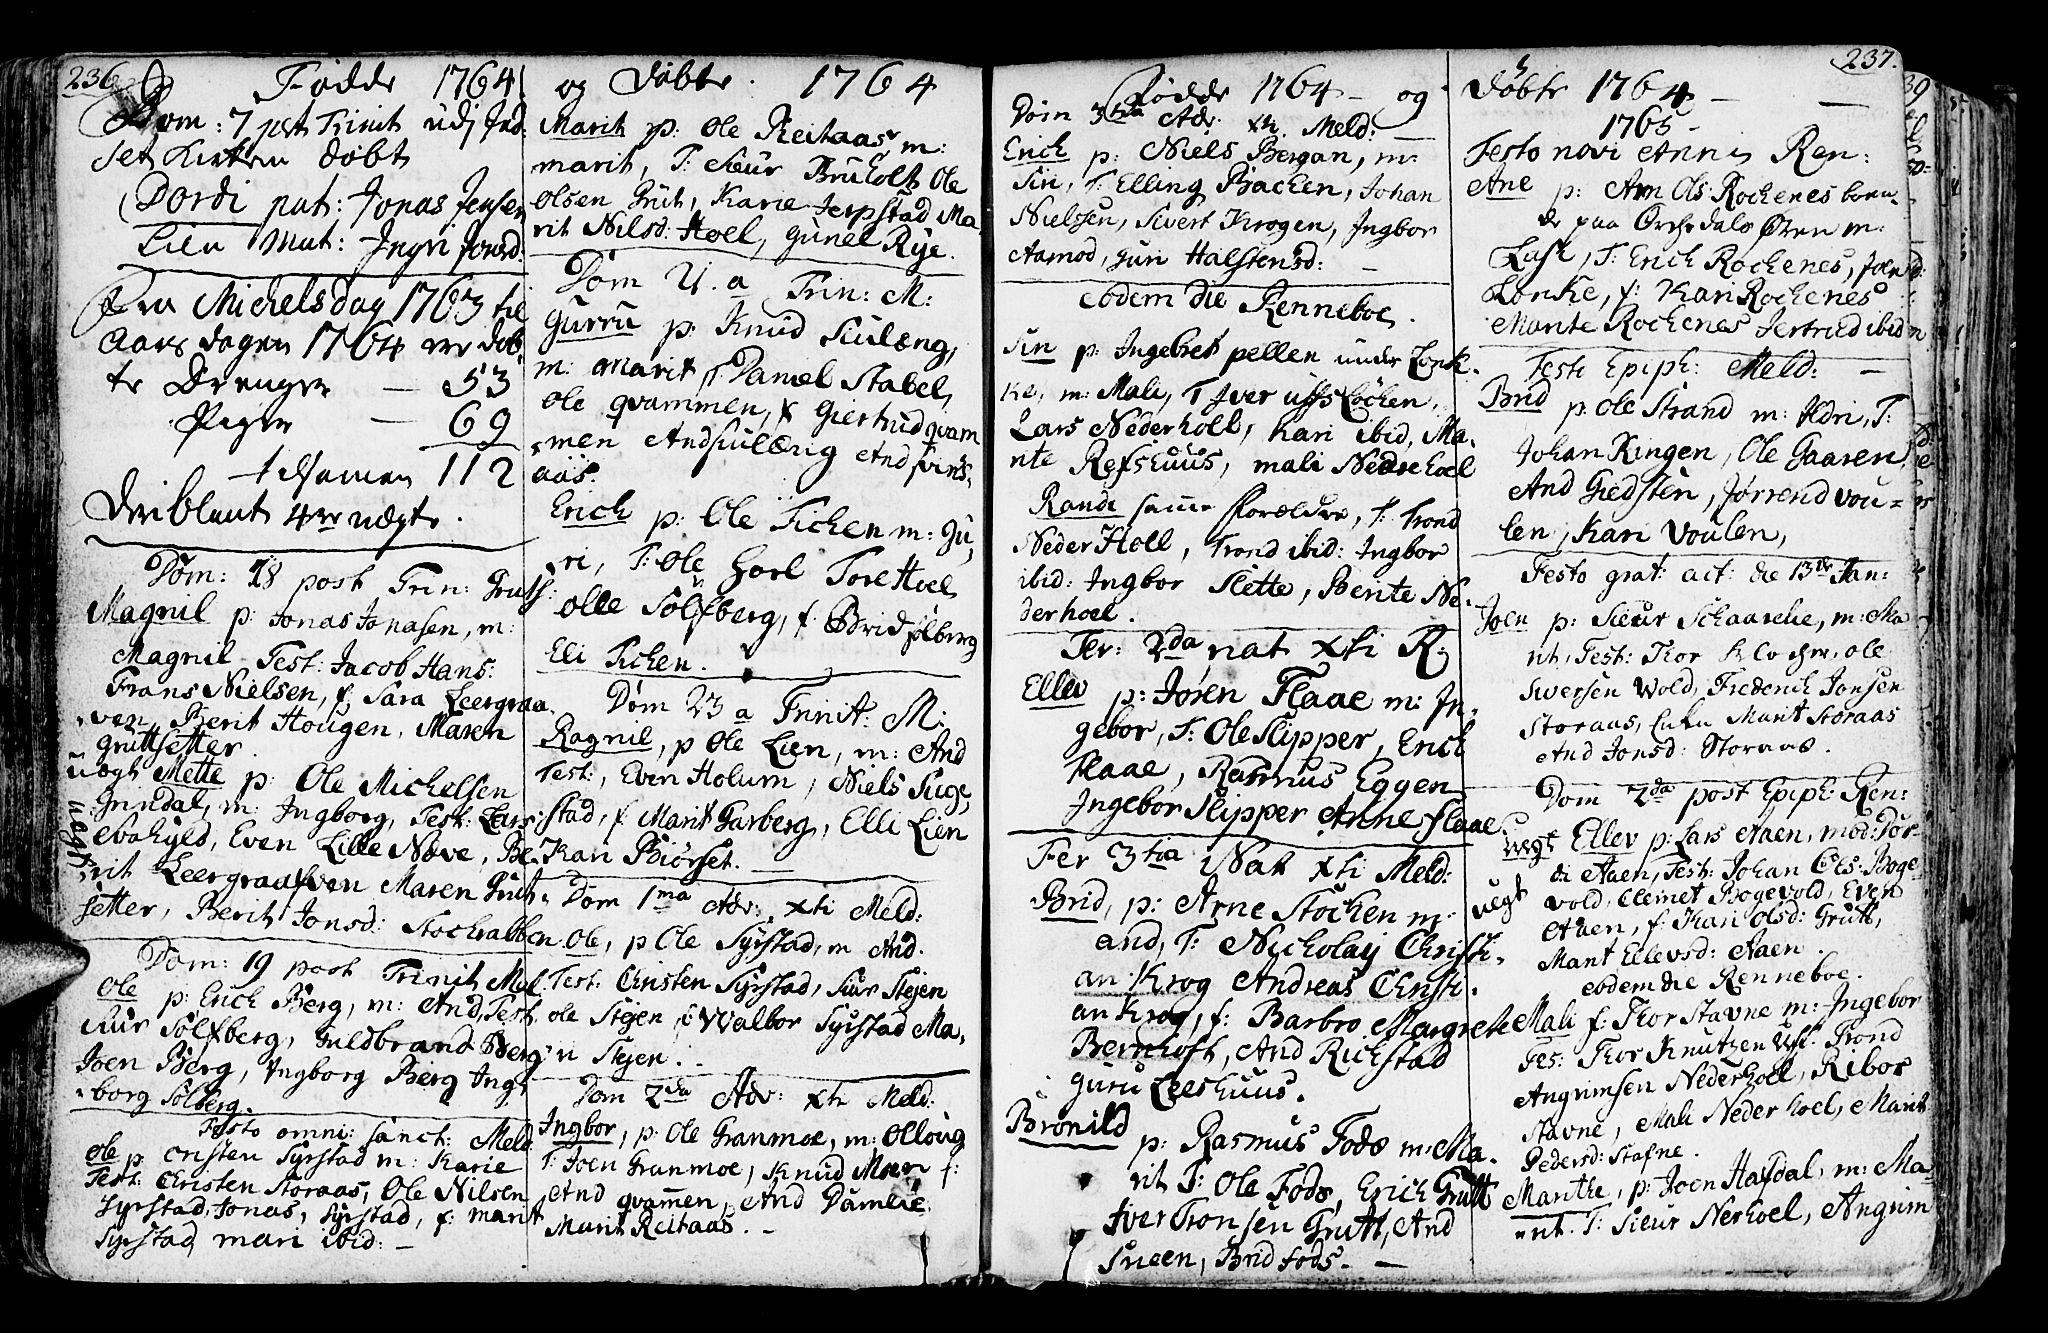 SAT, Ministerialprotokoller, klokkerbøker og fødselsregistre - Sør-Trøndelag, 672/L0851: Ministerialbok nr. 672A04, 1751-1775, s. 236-237